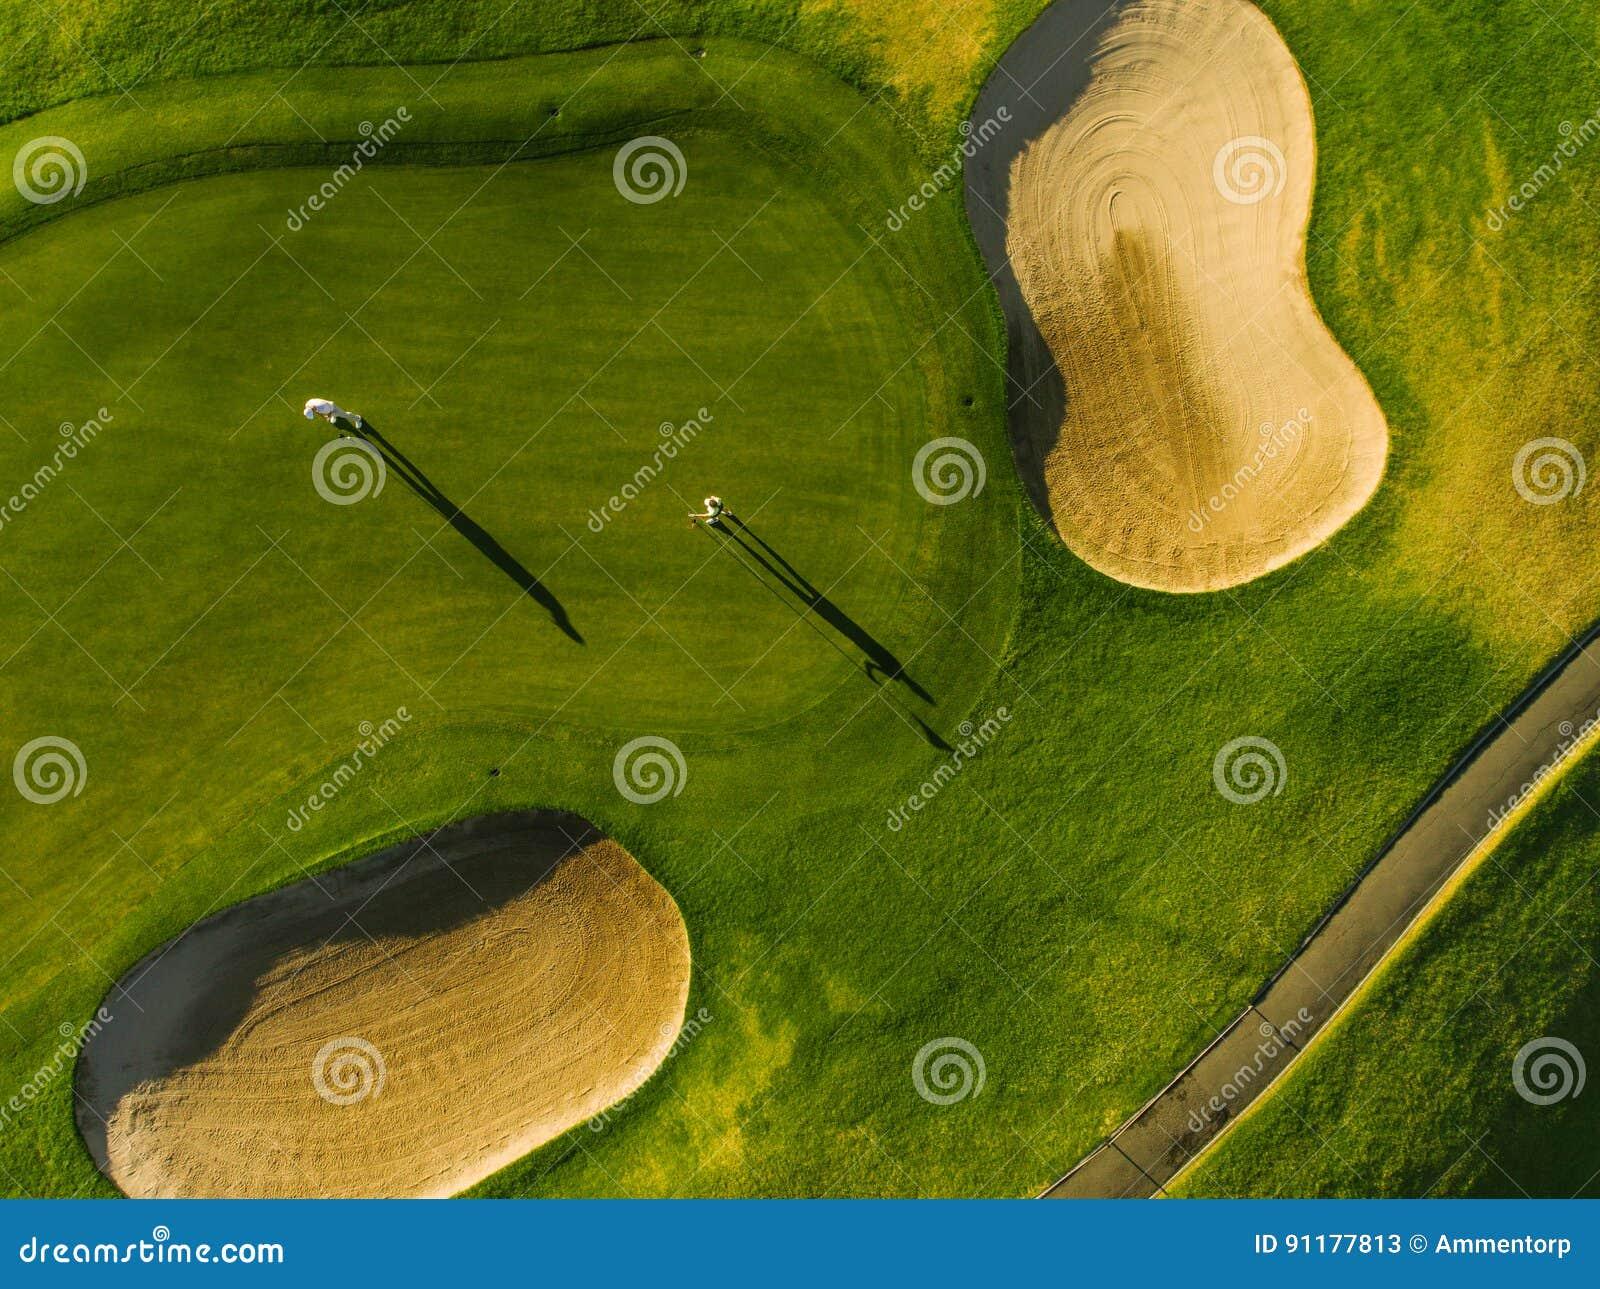 Opinión aérea golfistas en putting green